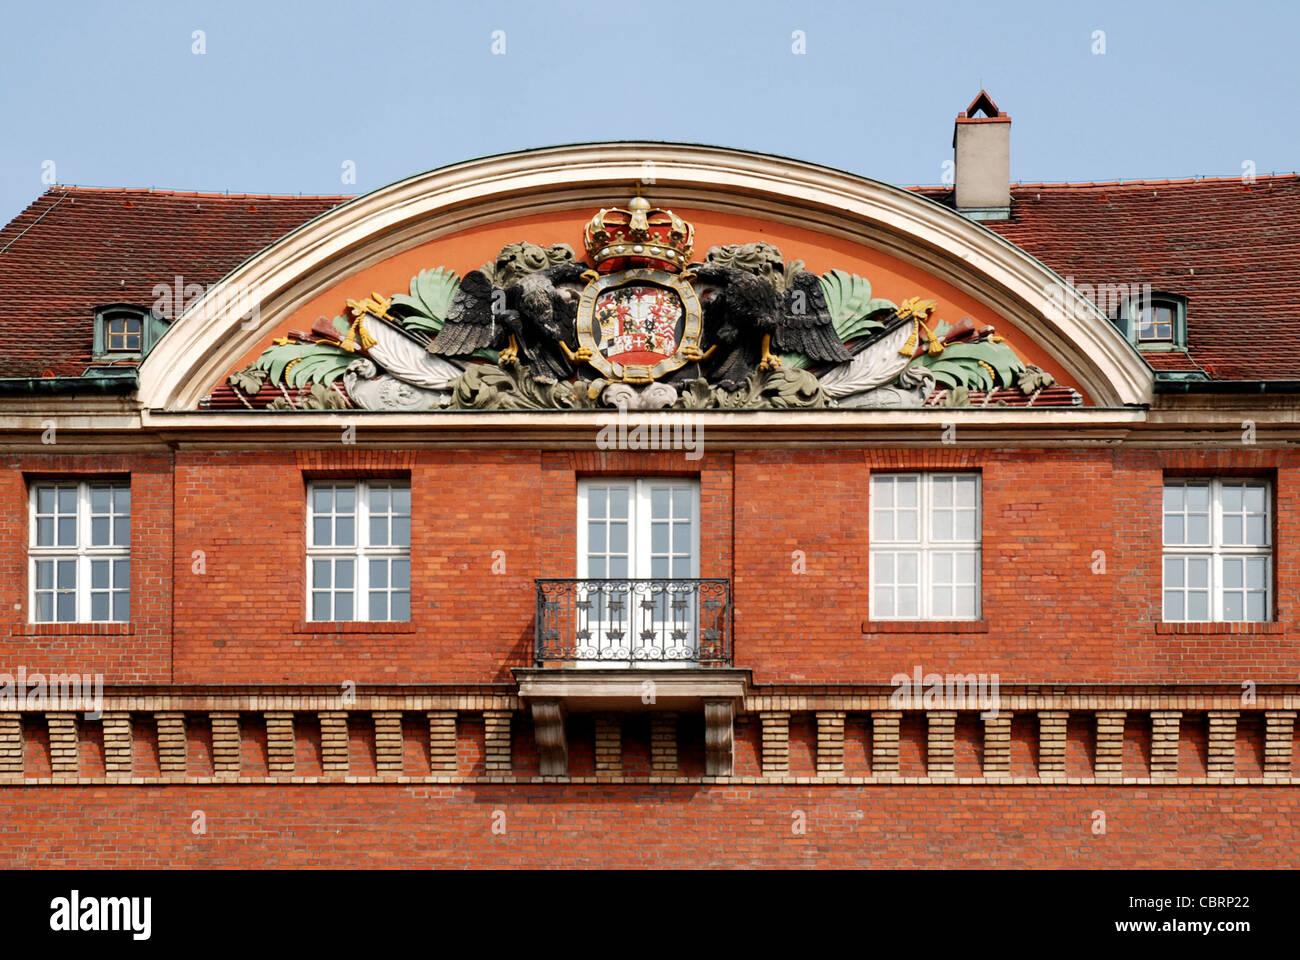 Portal of the Spandau Citadel in Berlin. - Stock Image